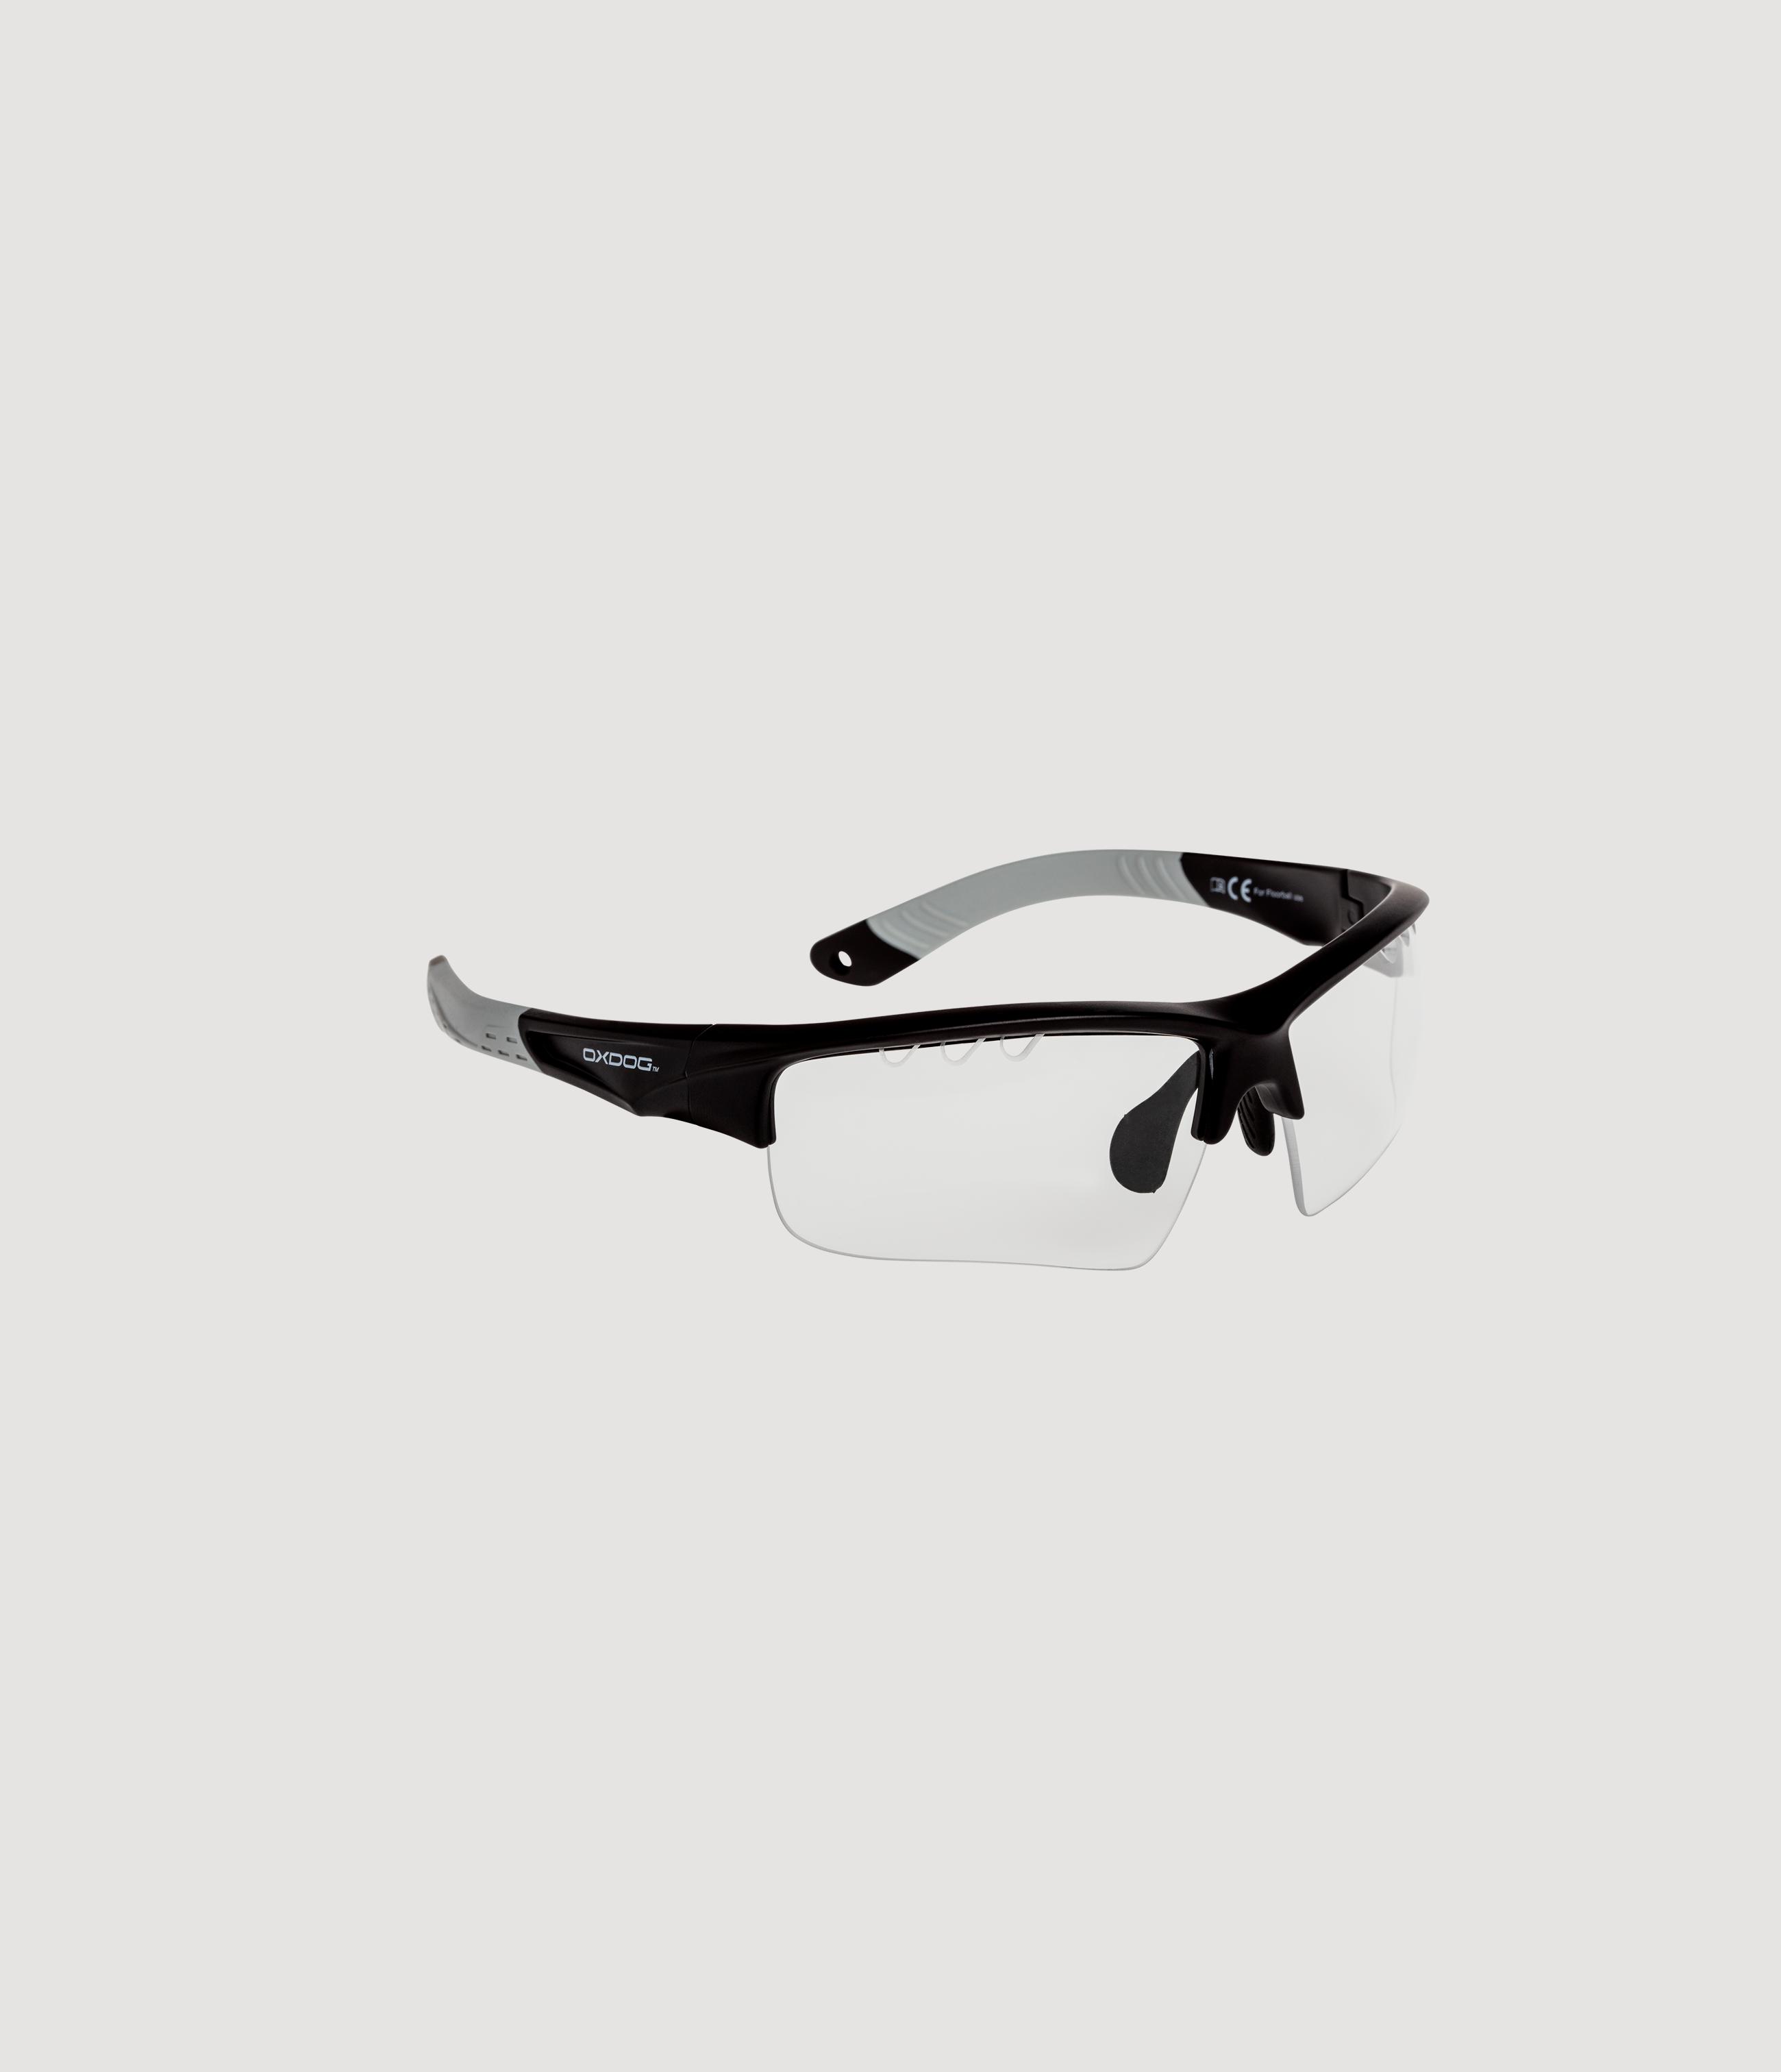 Spectrum Eyewear Black